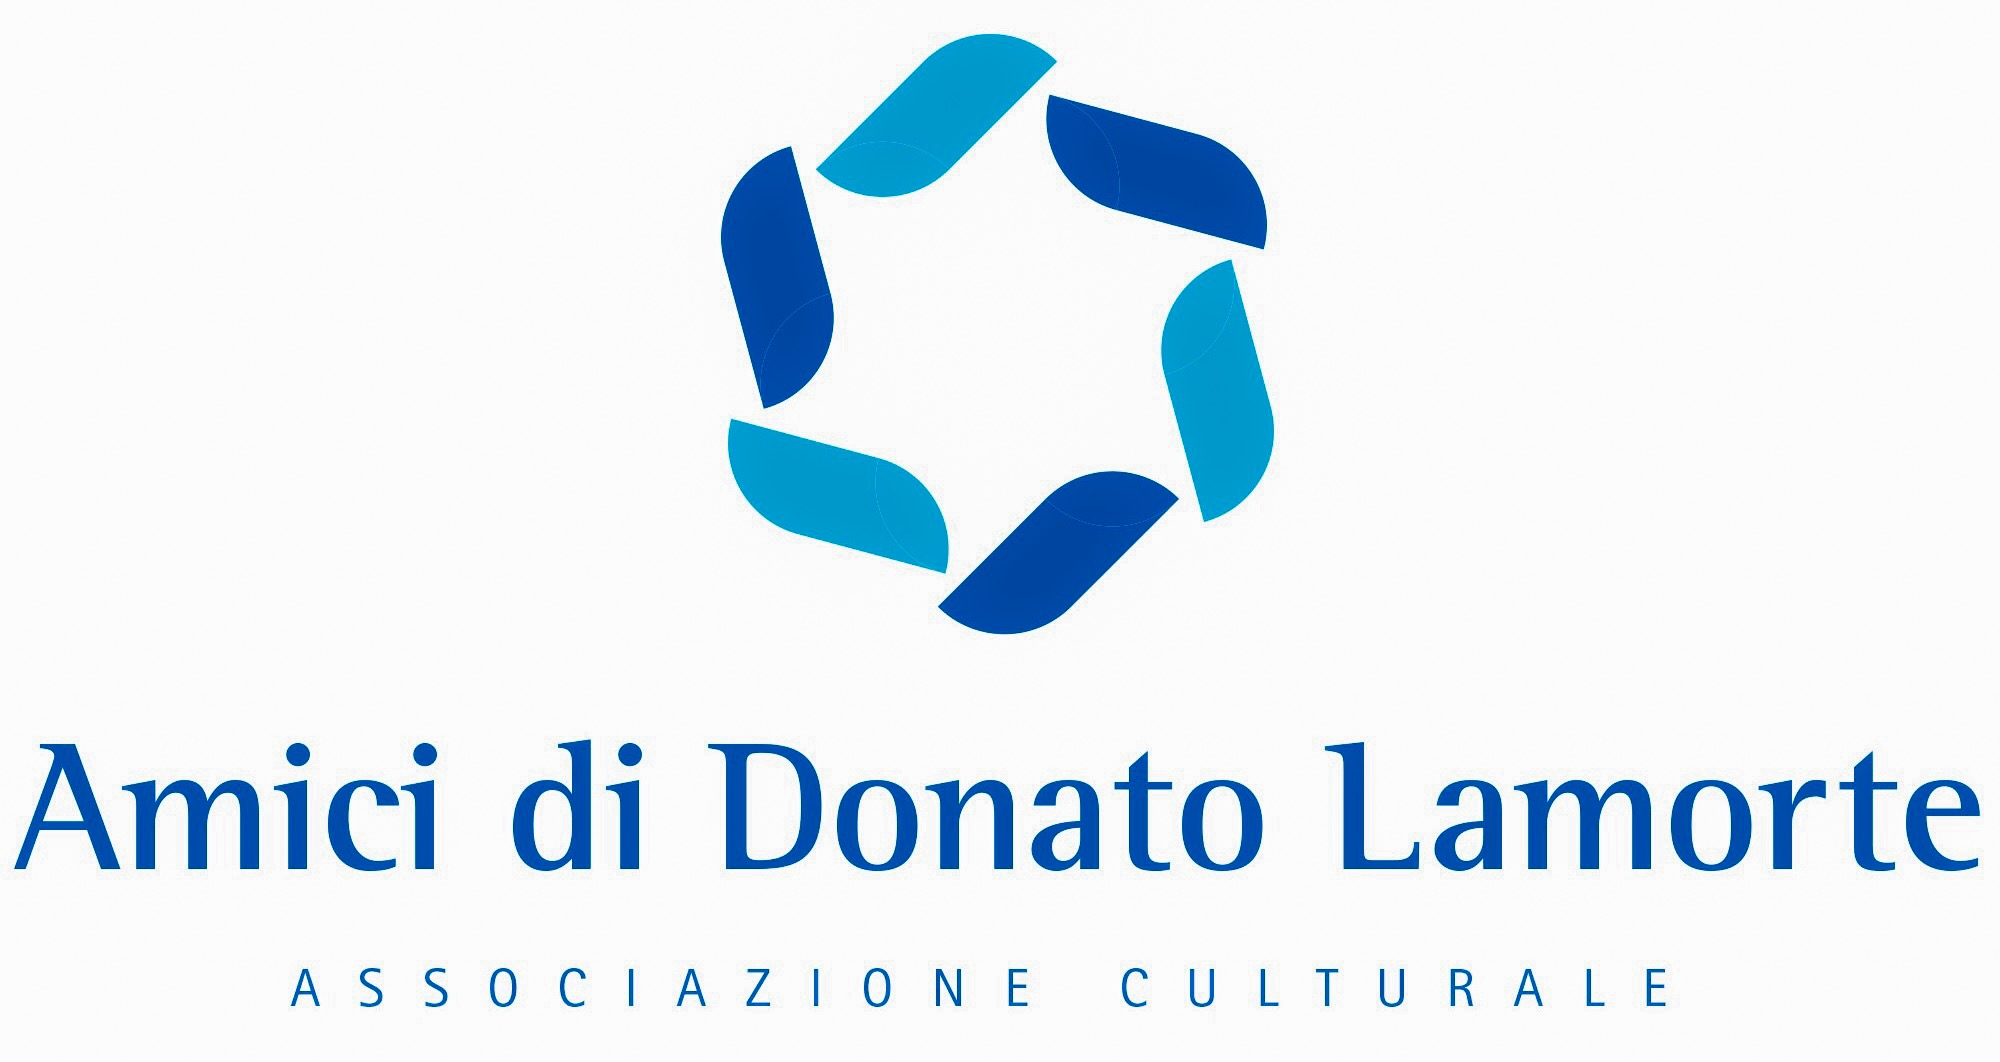 Amici di Donato Lamorte